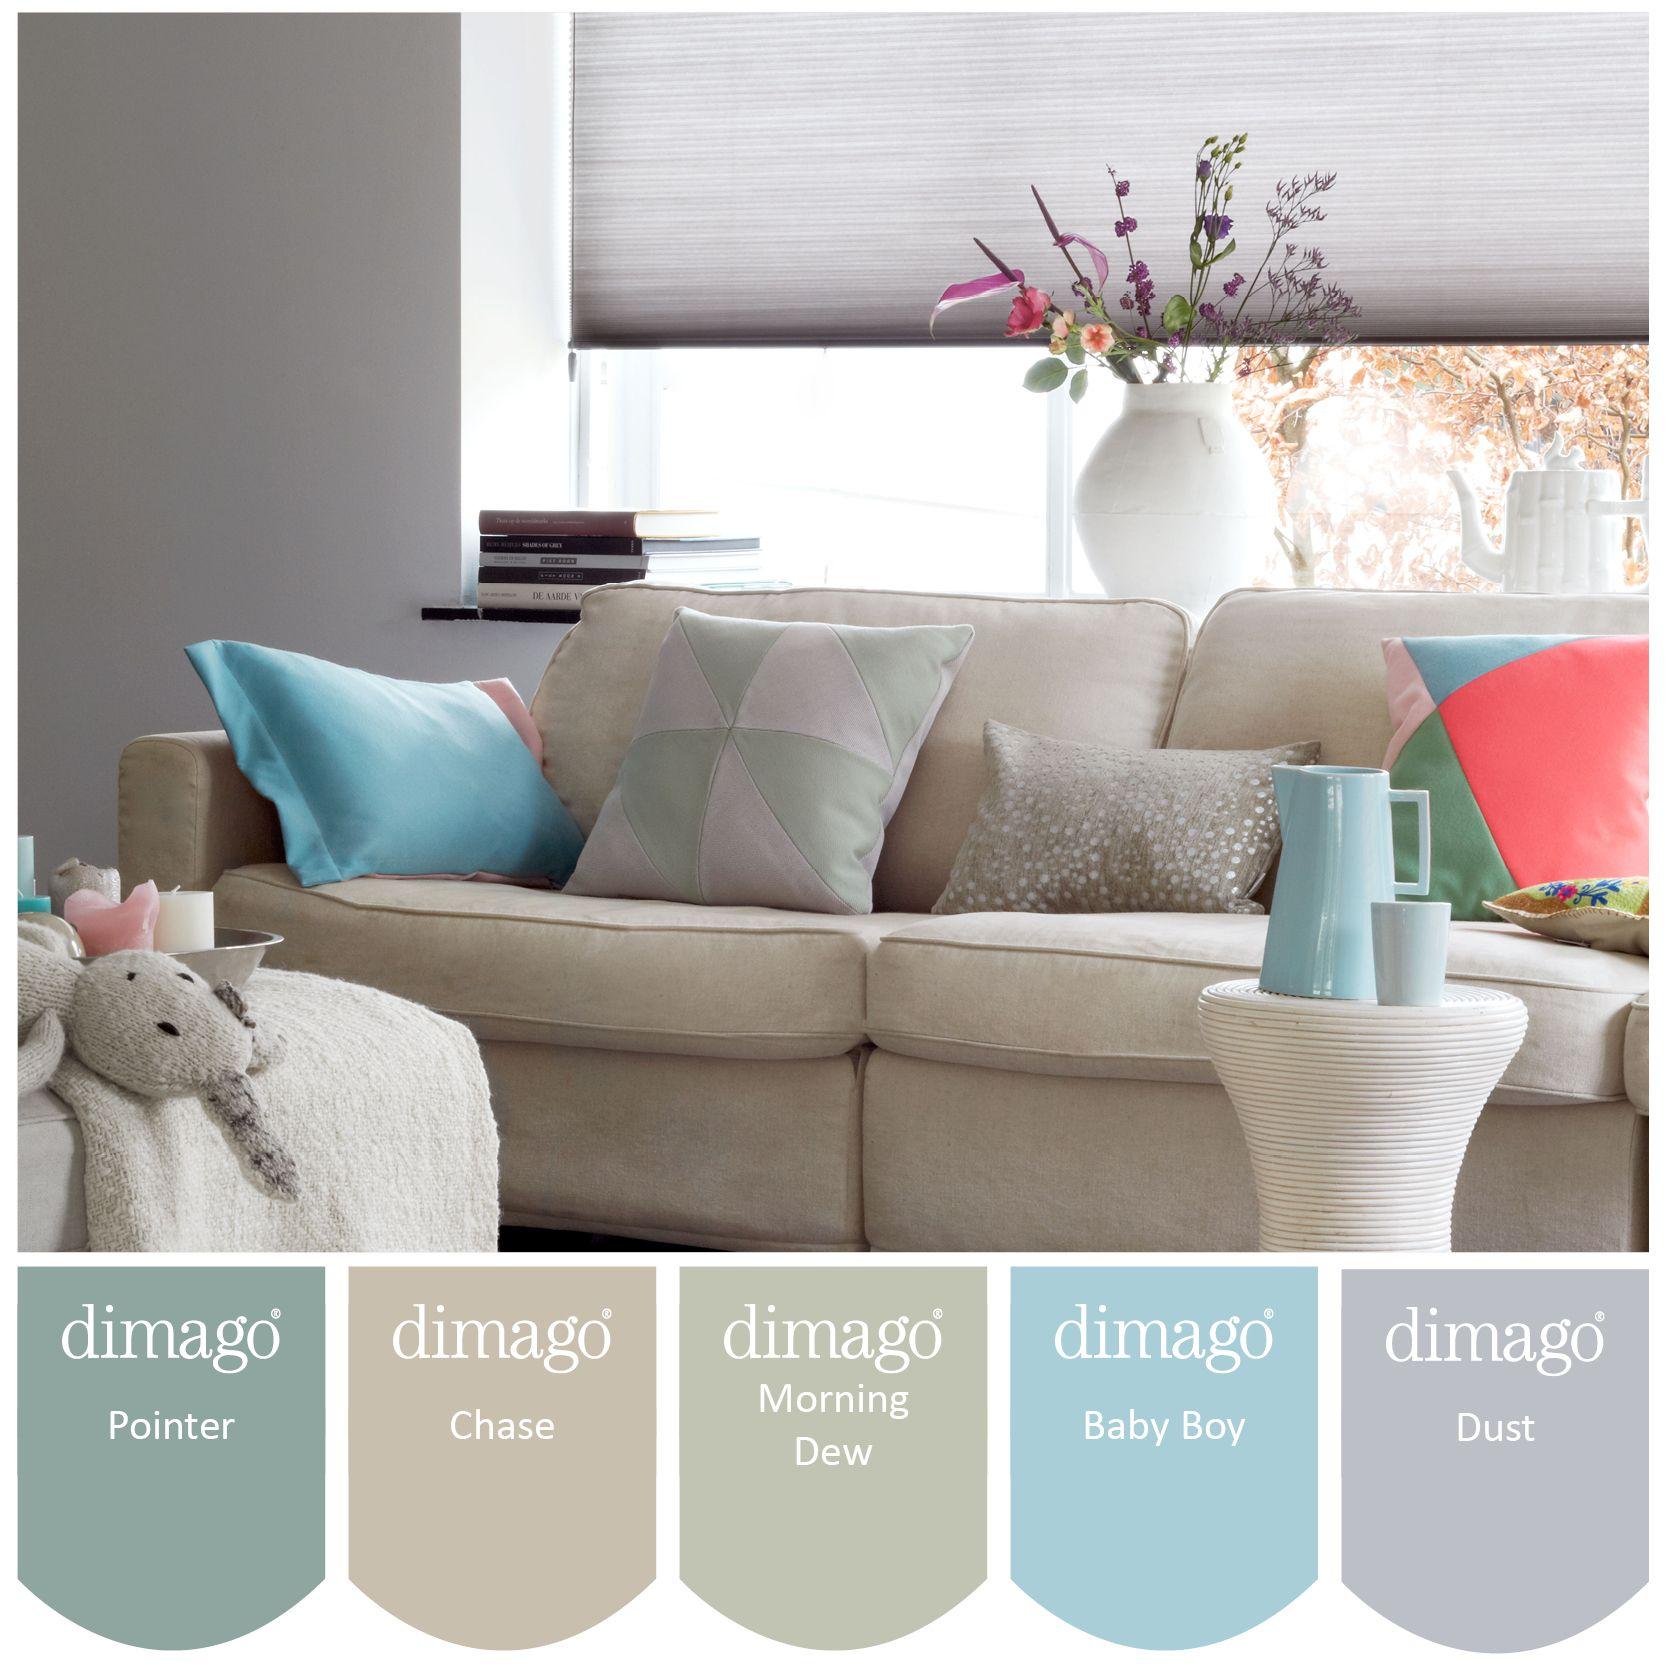 dimago matte verfkleuren zijn exclusief verkrijgbaar bij Deco Home ...